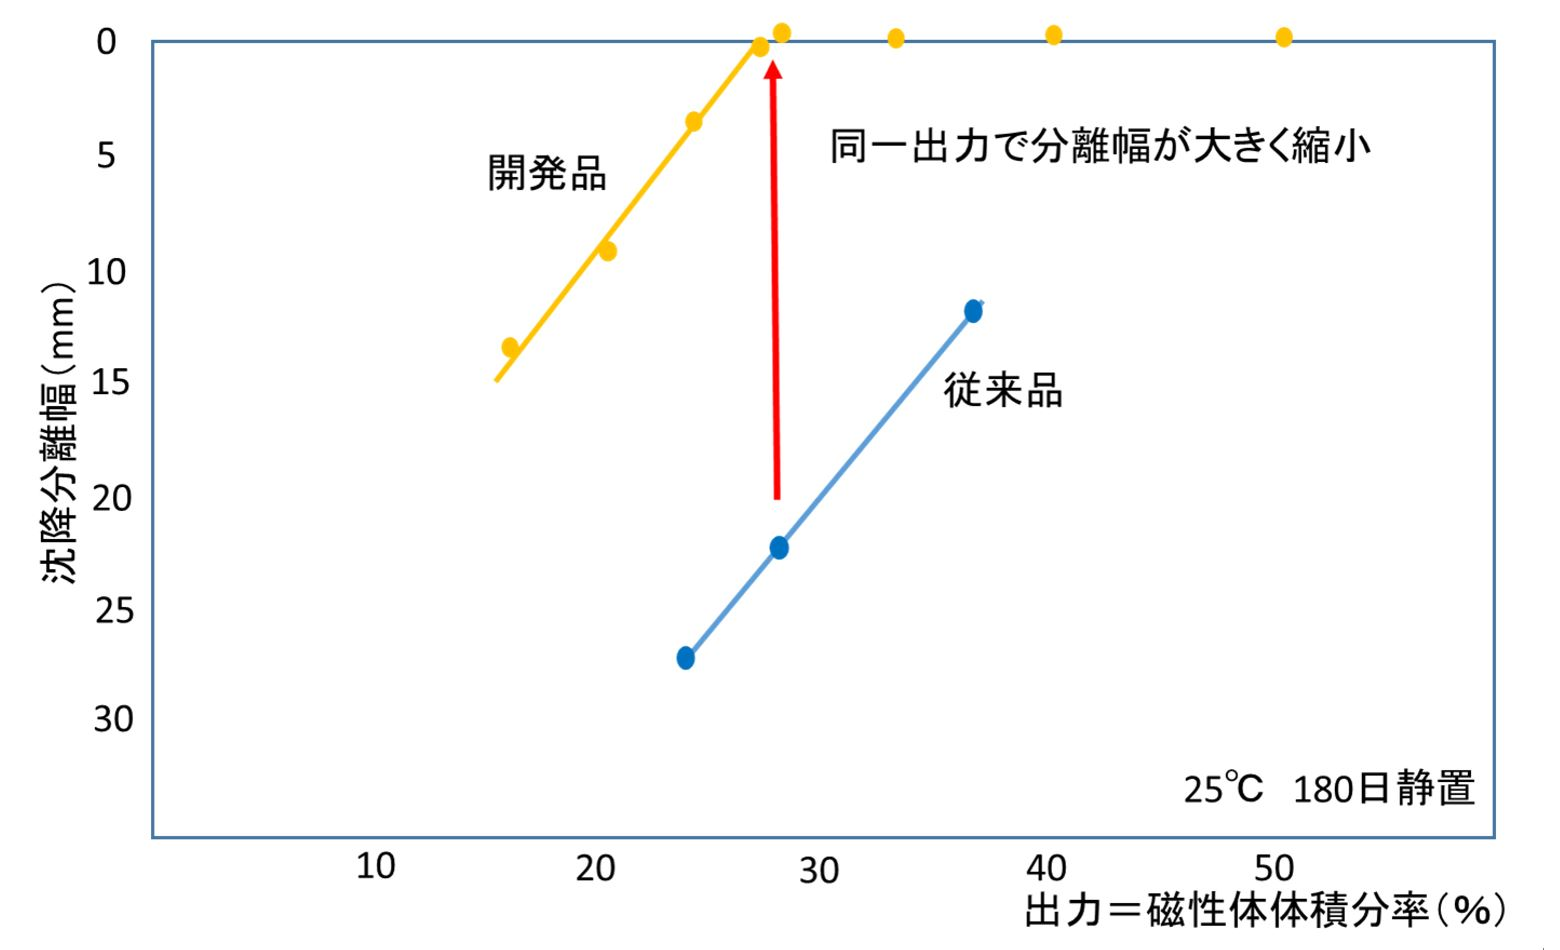 図4 出力範囲―安定性(沈降分離抑制)